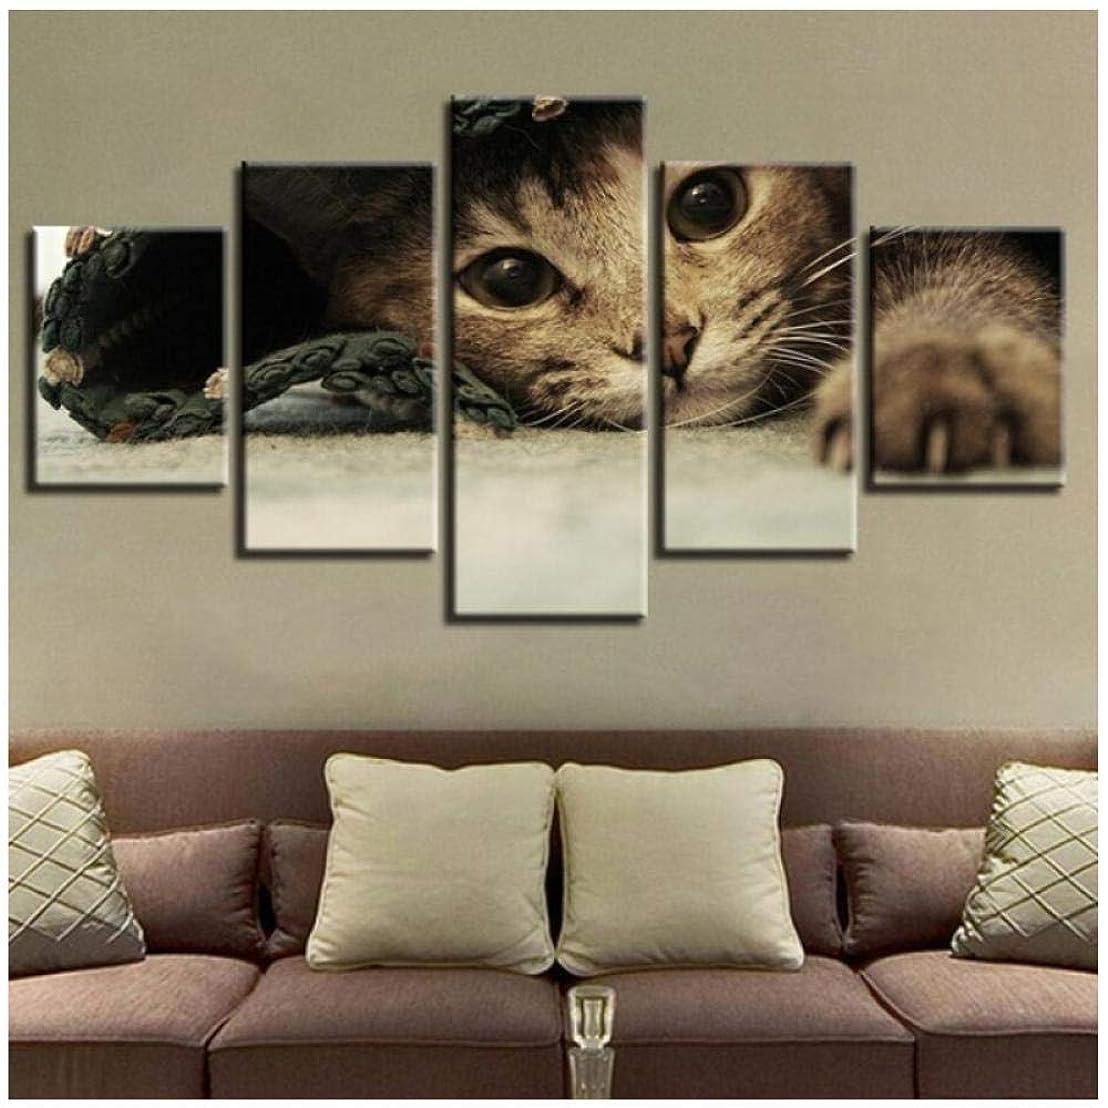 恐れる一定厚いファッションアートワーク5ピースプリント動物ラブリーキャッツキャンバス絵画ホームキッズルームインテリアHDウォールアートアート写真ポスター(フレームなし)30x40 30x60 30x80cm